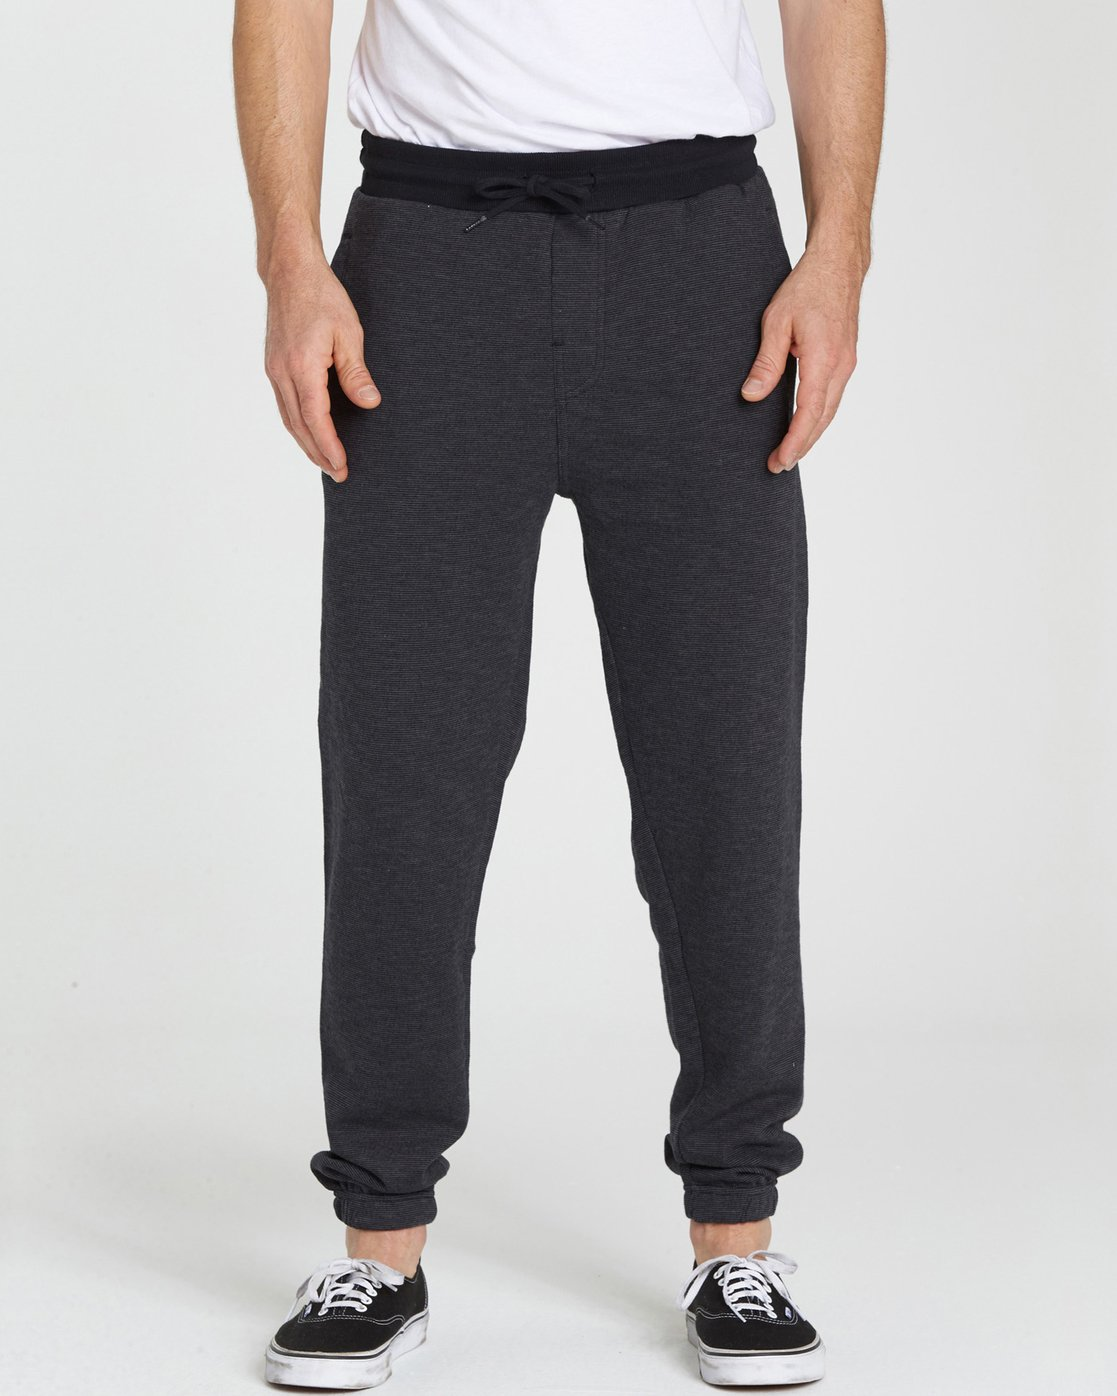 BILLABONG Boys Balance Pant Sweatpant